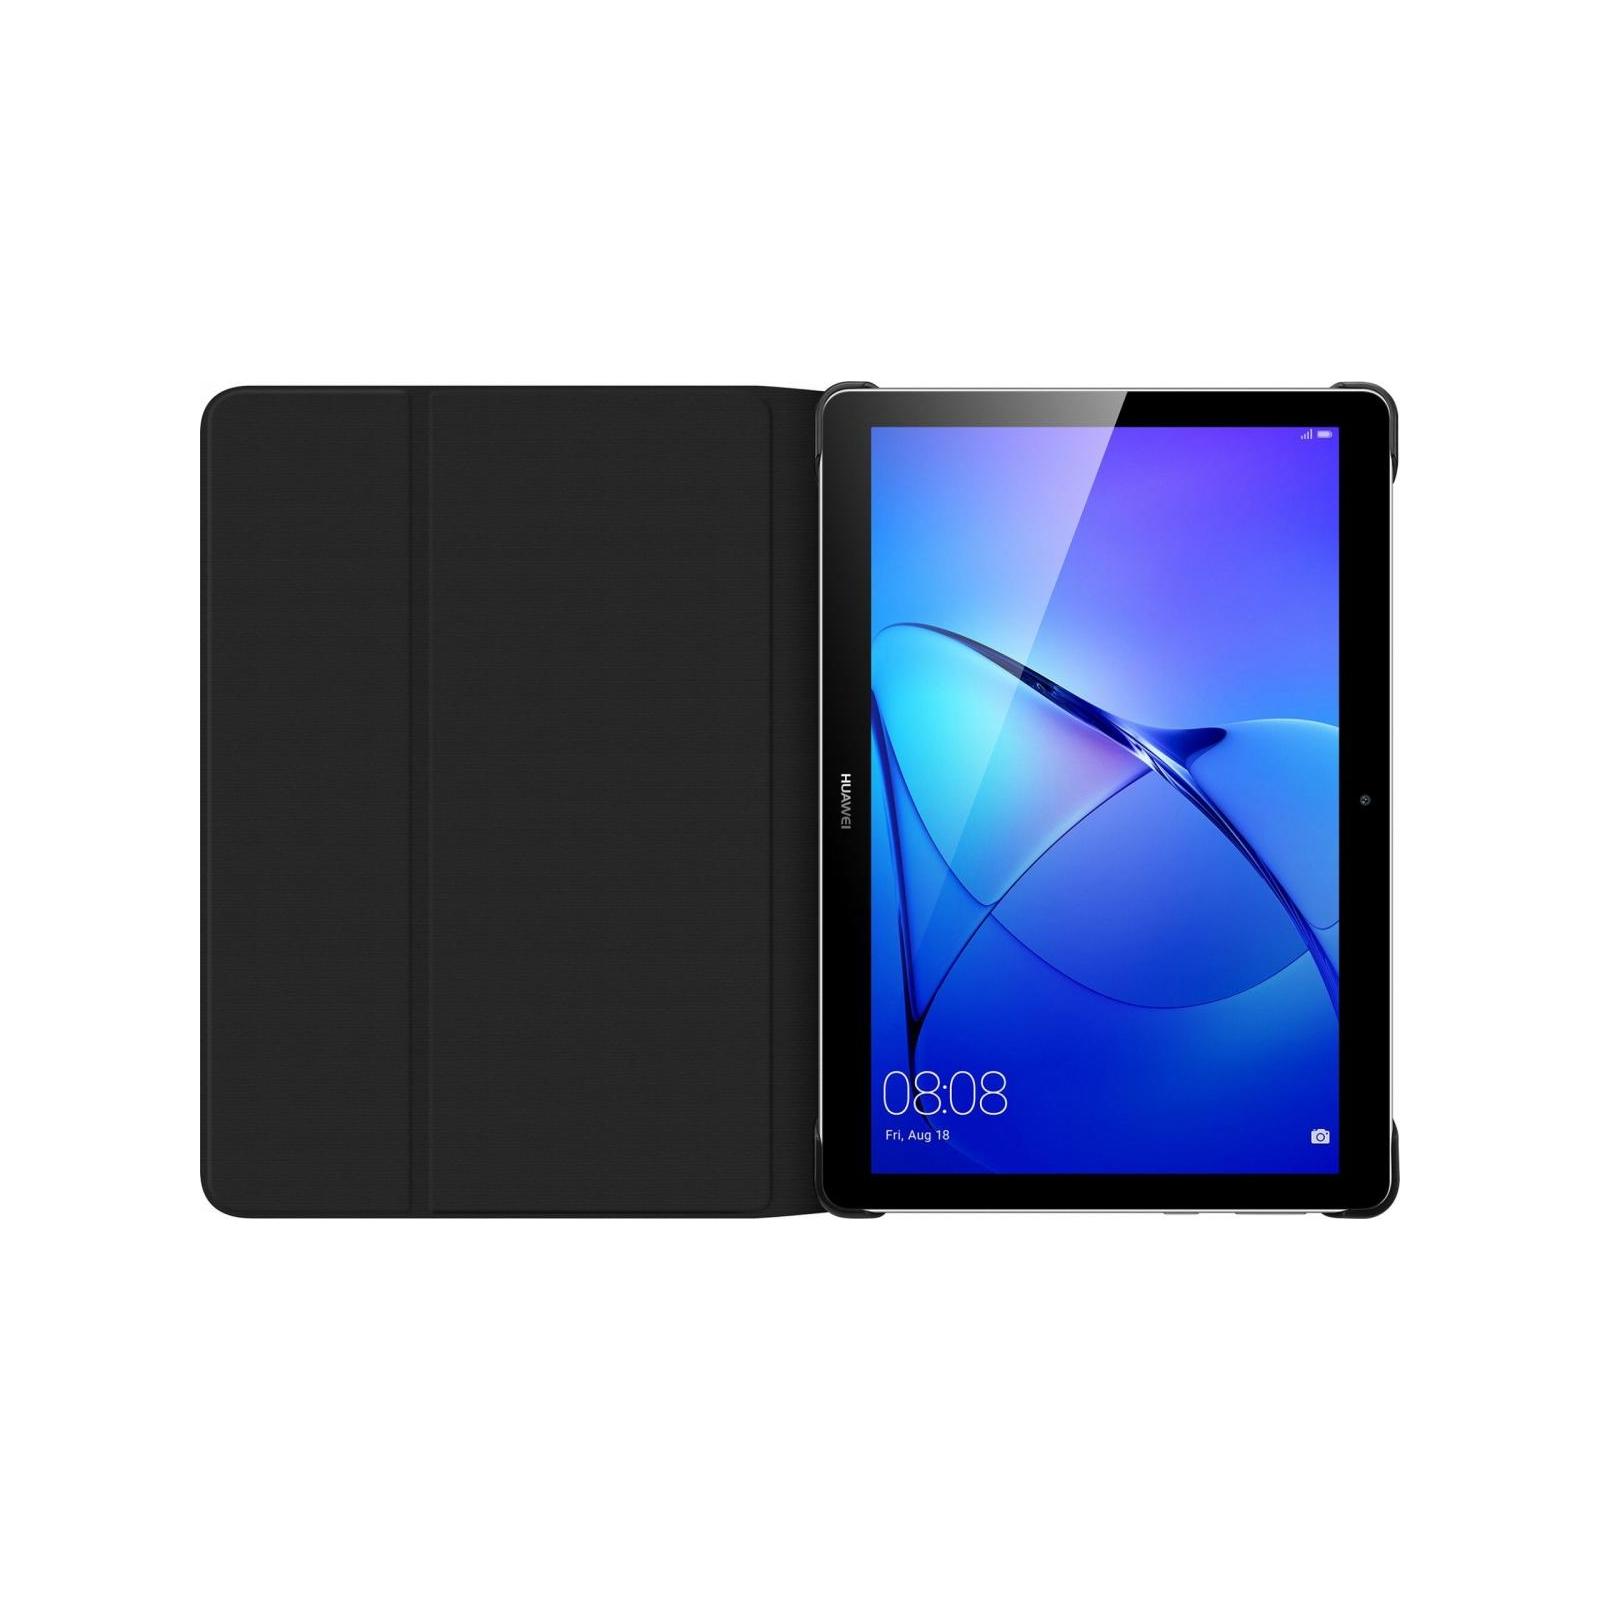 Чехол для планшета Huawei для MediaPad T3 10 flip cover black (51991965) изображение 2